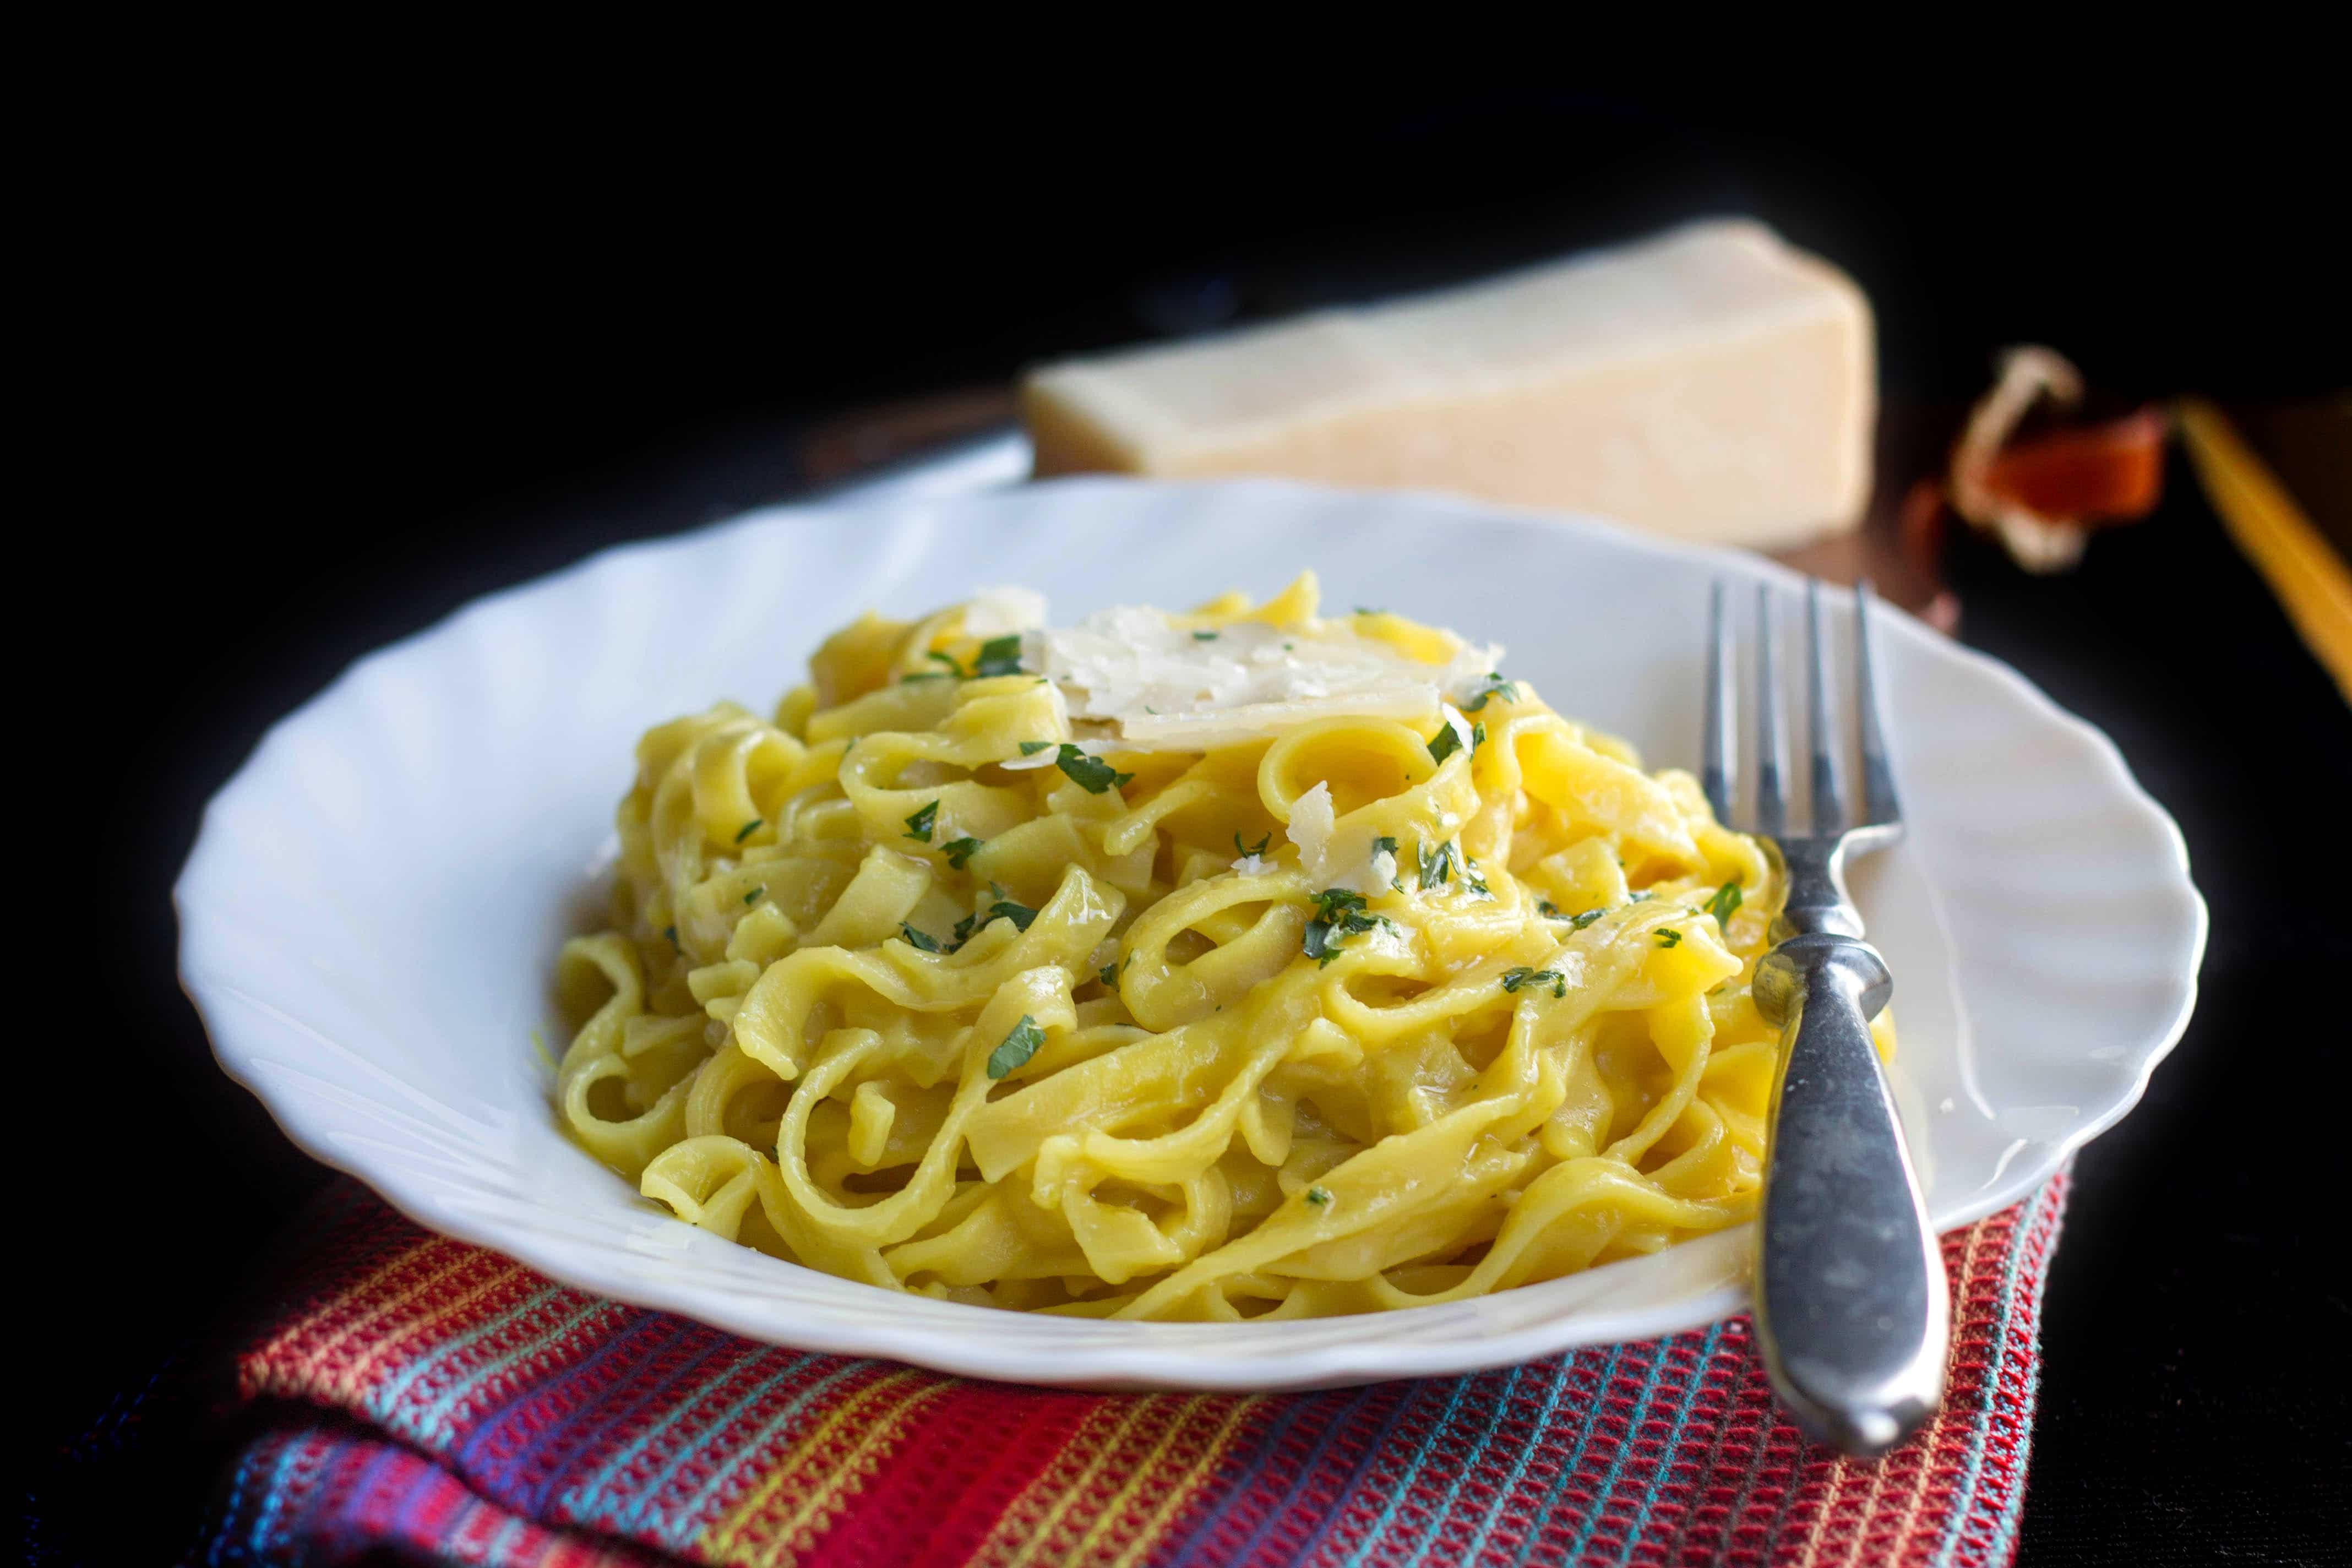 Creamy Saffron Pasta - Erren's Kitchen - Go beyond your average cream sauce with this luxurious Creamy Saffron Pasta.